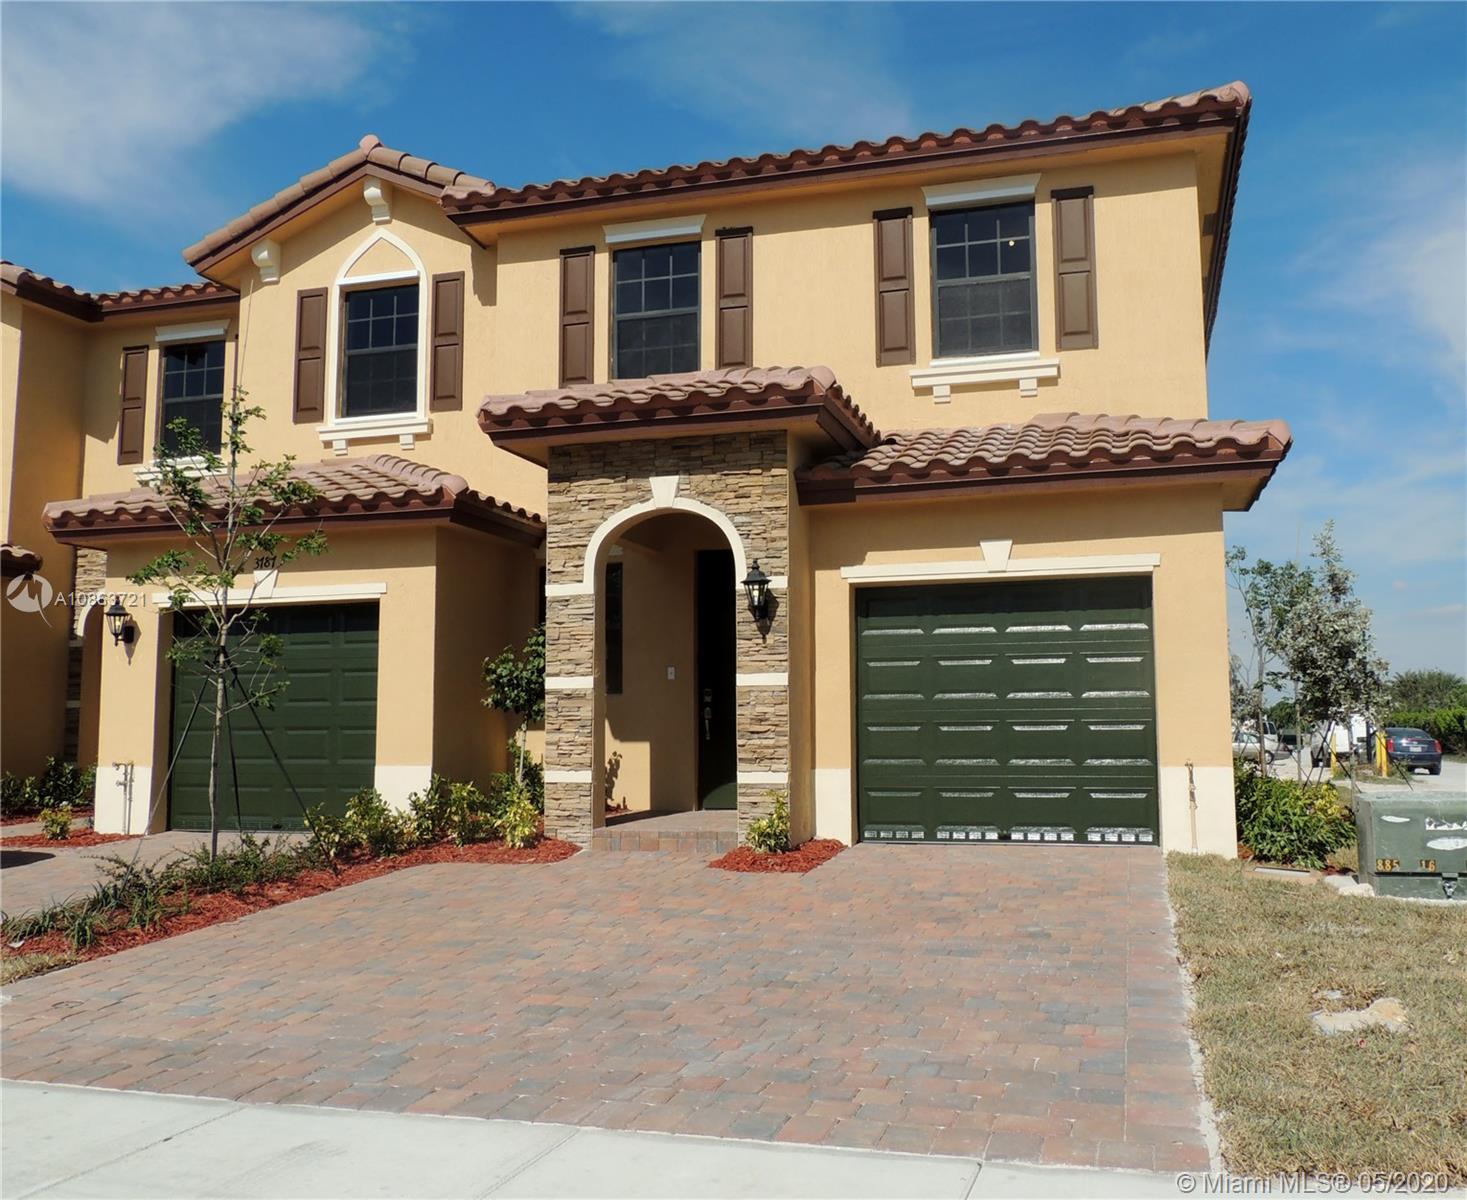 3793 SE 2nd St, Homestead, FL 33033 - Homestead, FL real estate listing